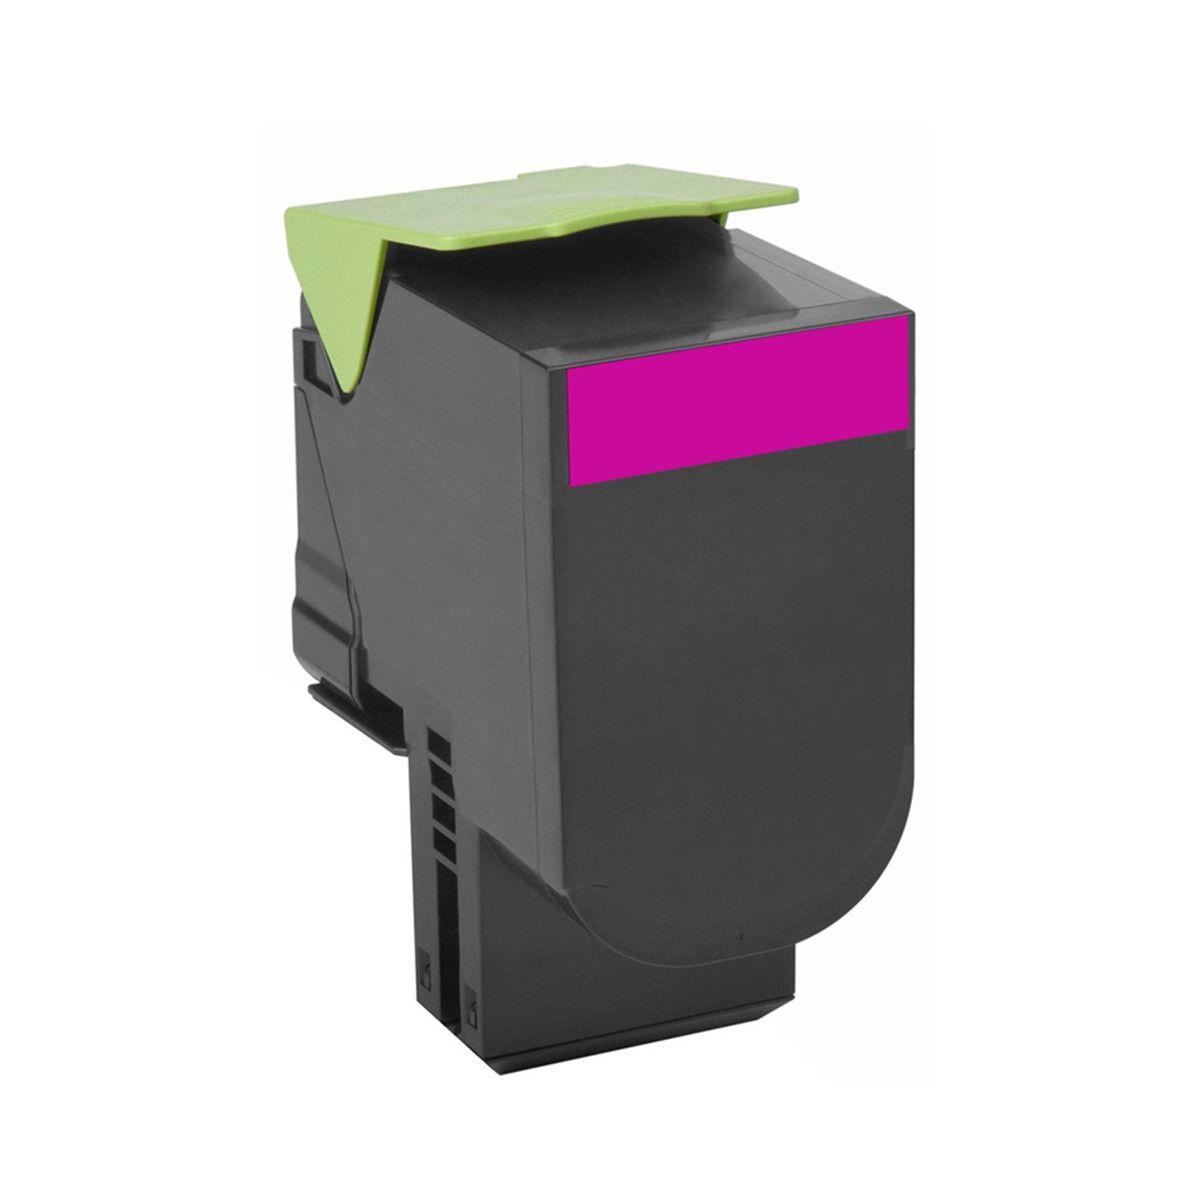 Toner compatível com Lexmark [71B40M0] CS317/417/517 Magenta 2.300 Páginas - Cartucho & Cia